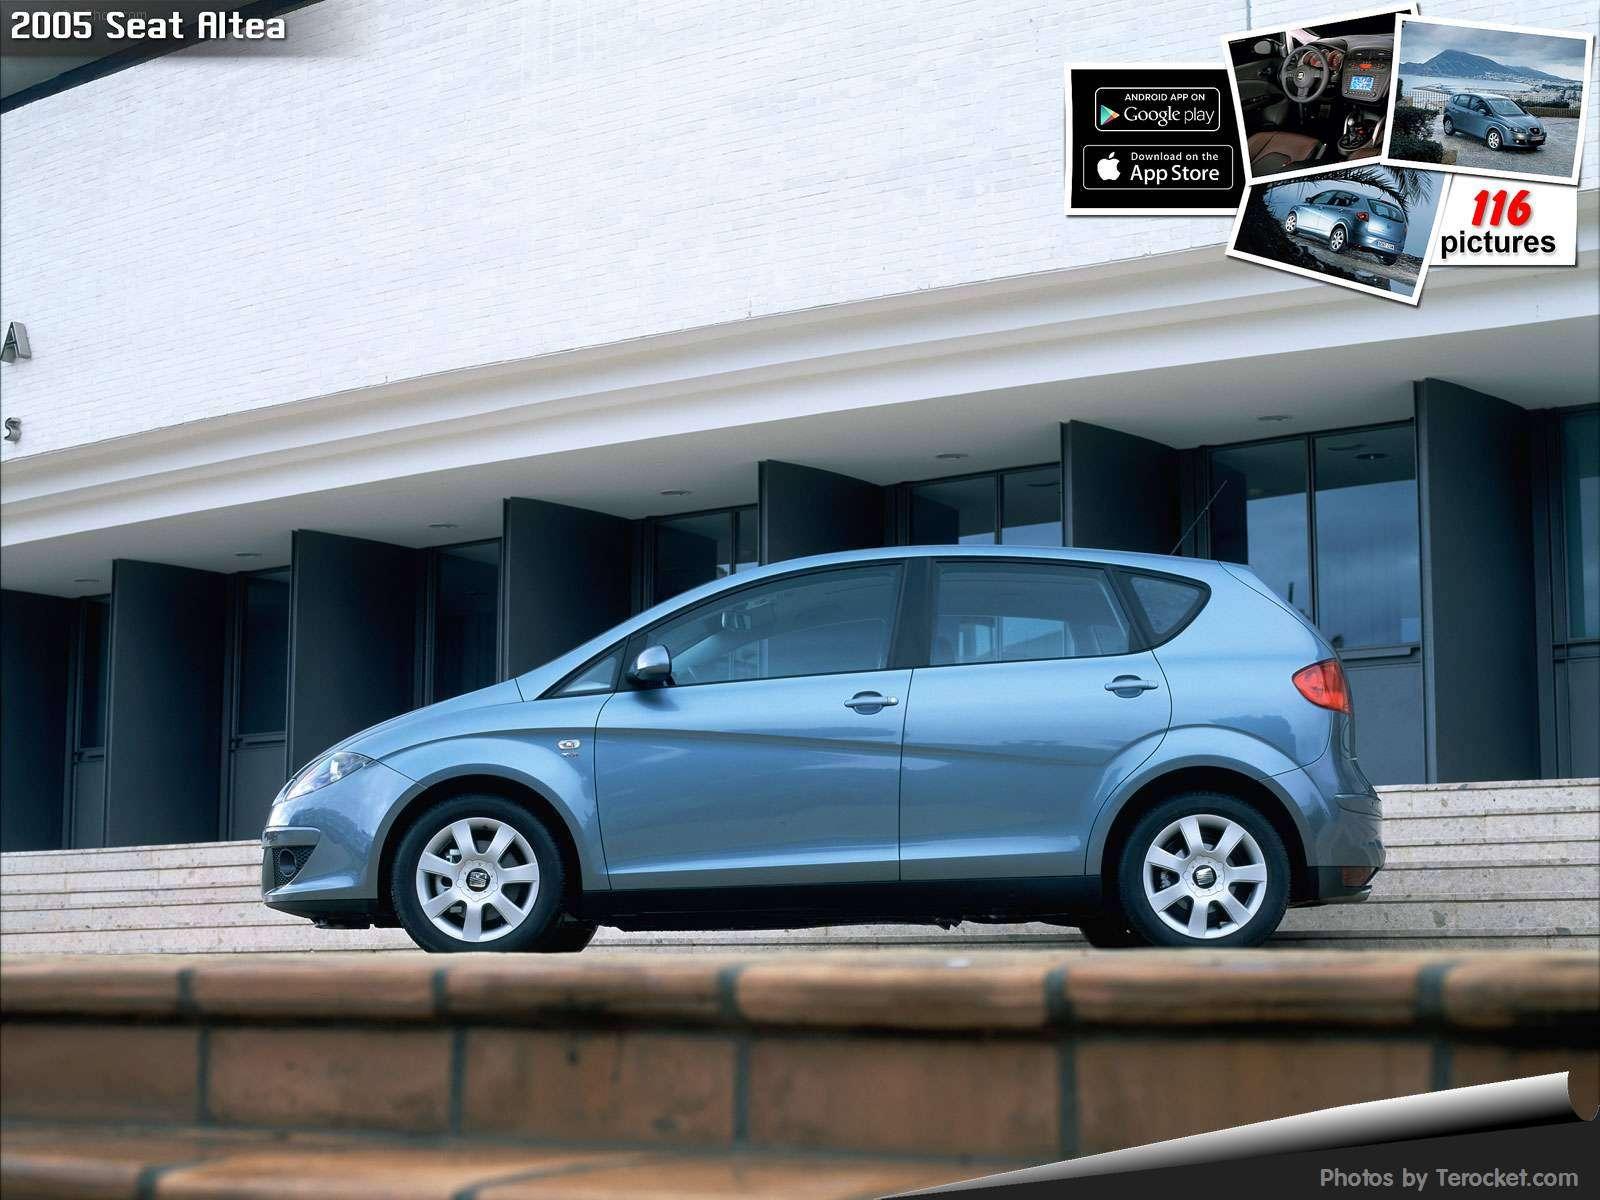 Hình ảnh xe ô tô Seat Altea 2005 & nội ngoại thất